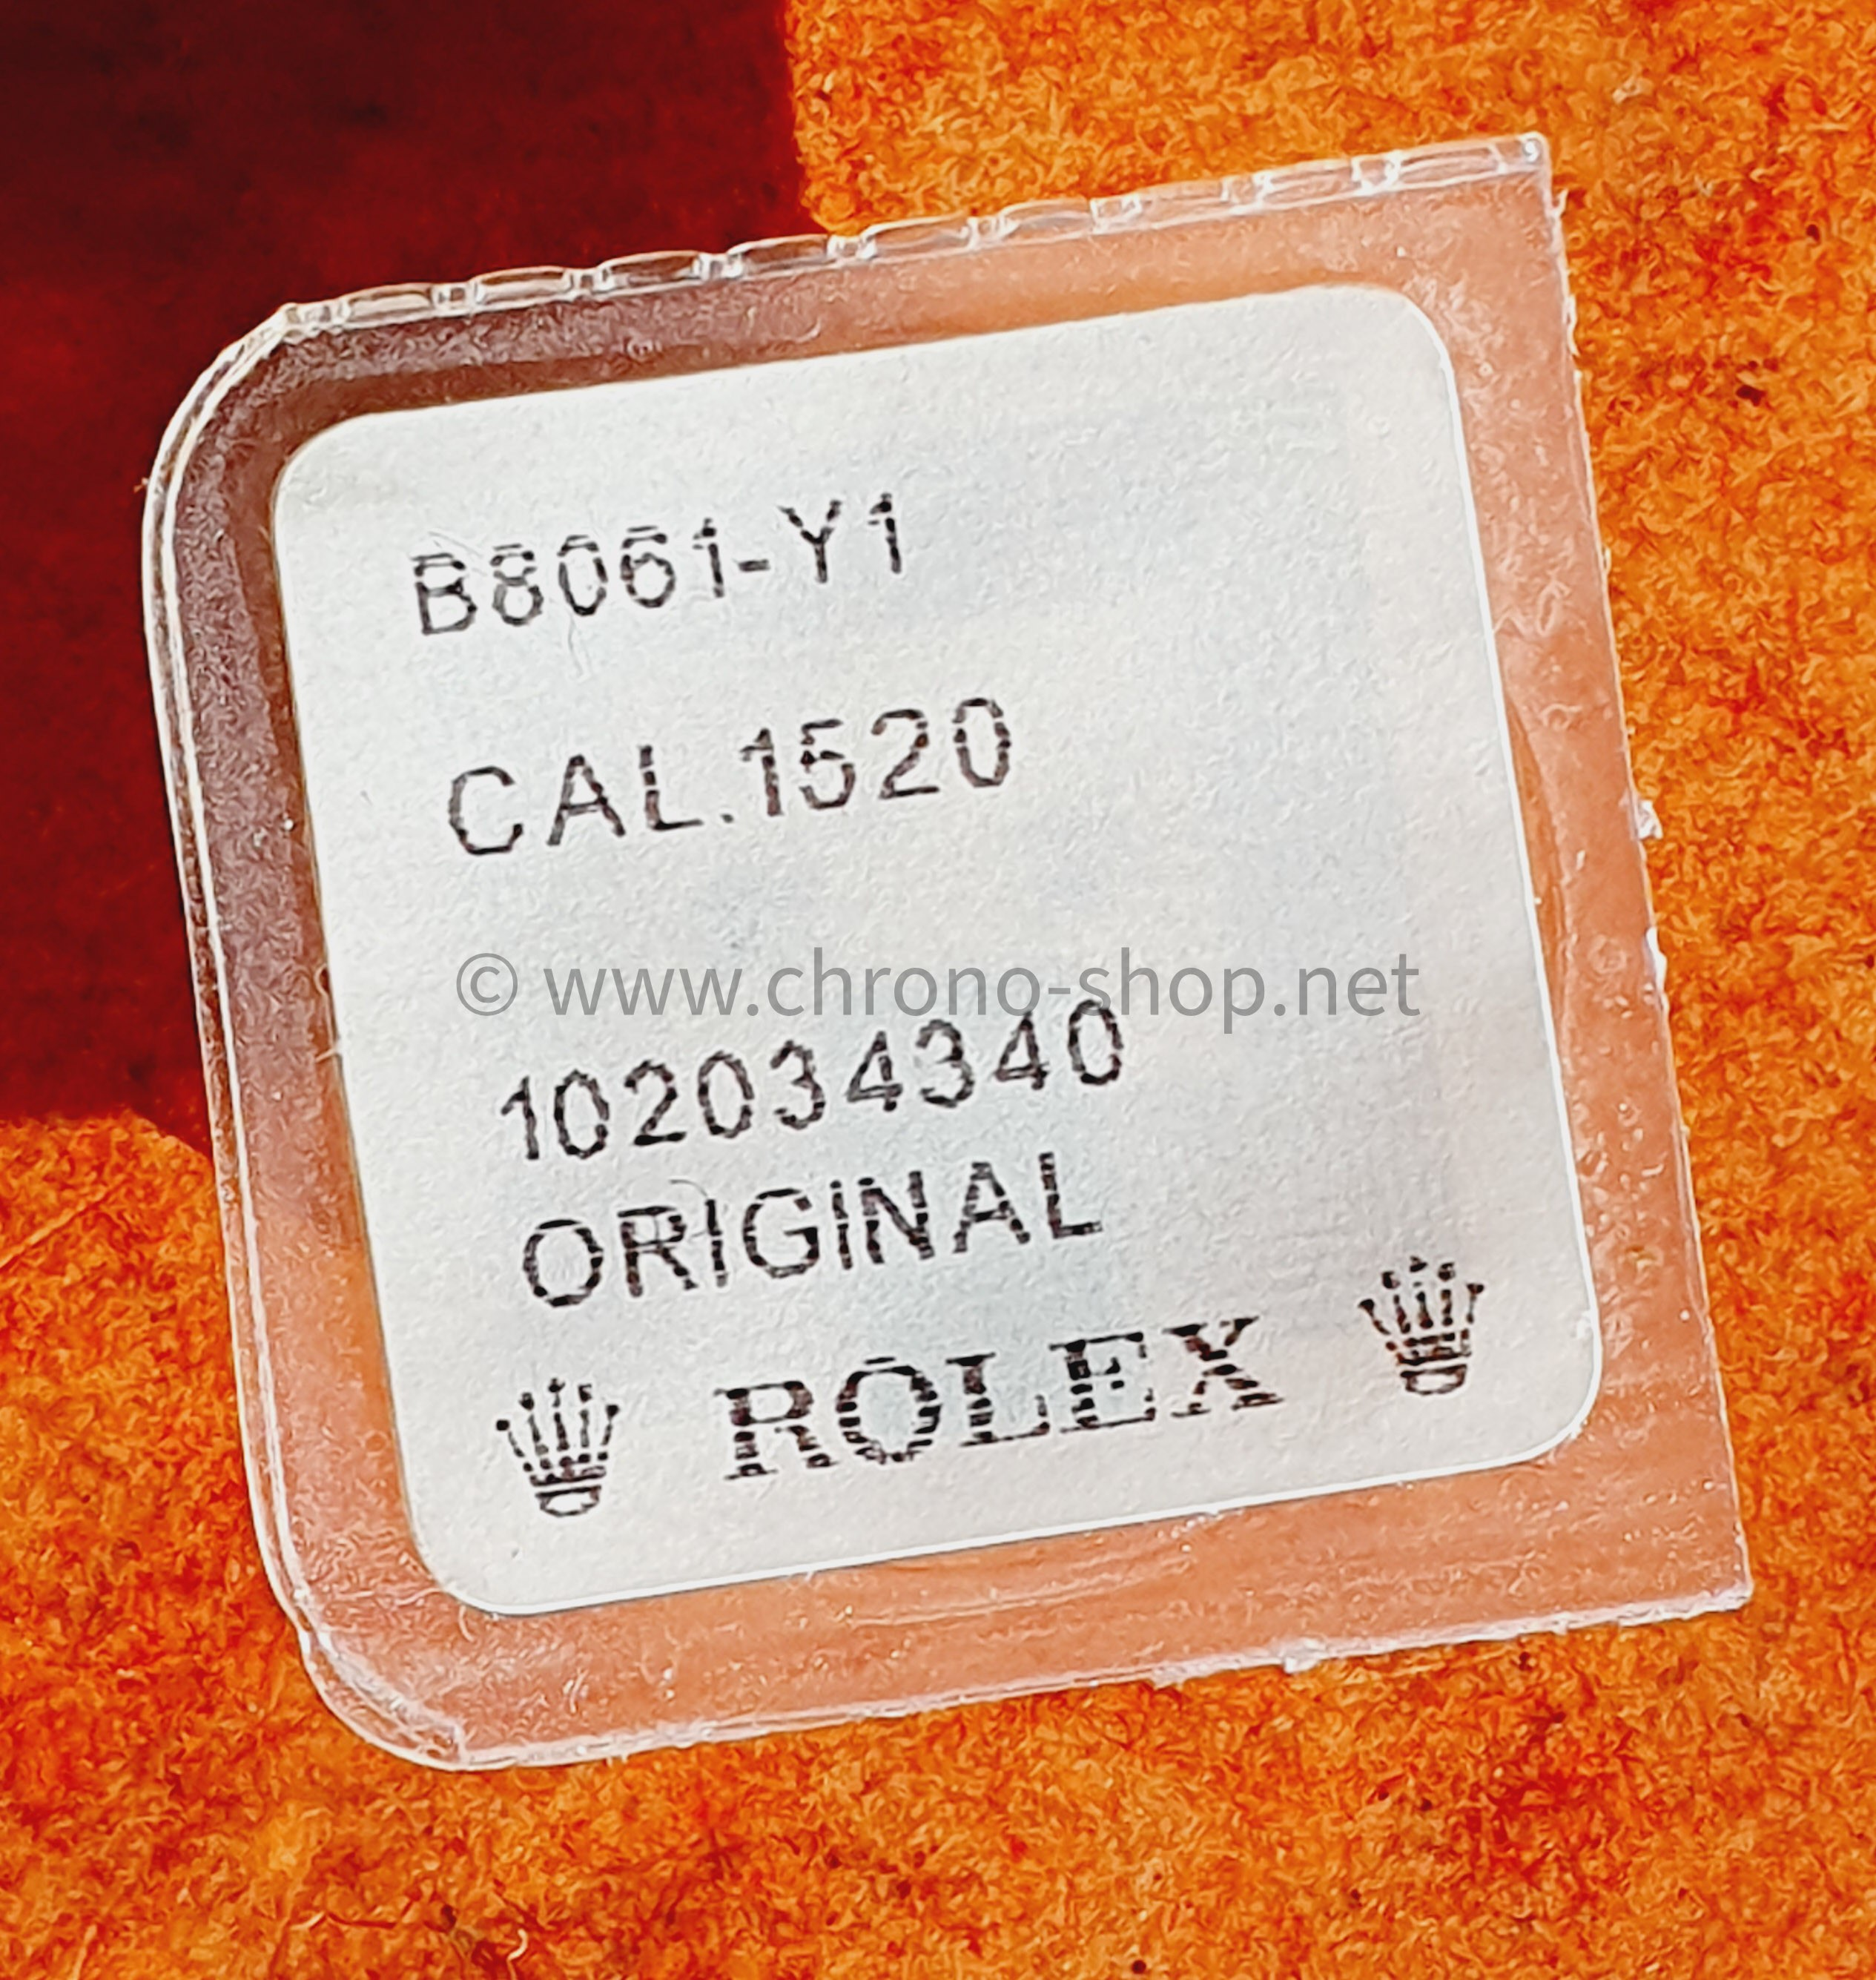 Rolex fourniture horlogerie Montres Calibre Automatique cal 1520,1530,1570 Raquette ref 8061,B8061-Y1